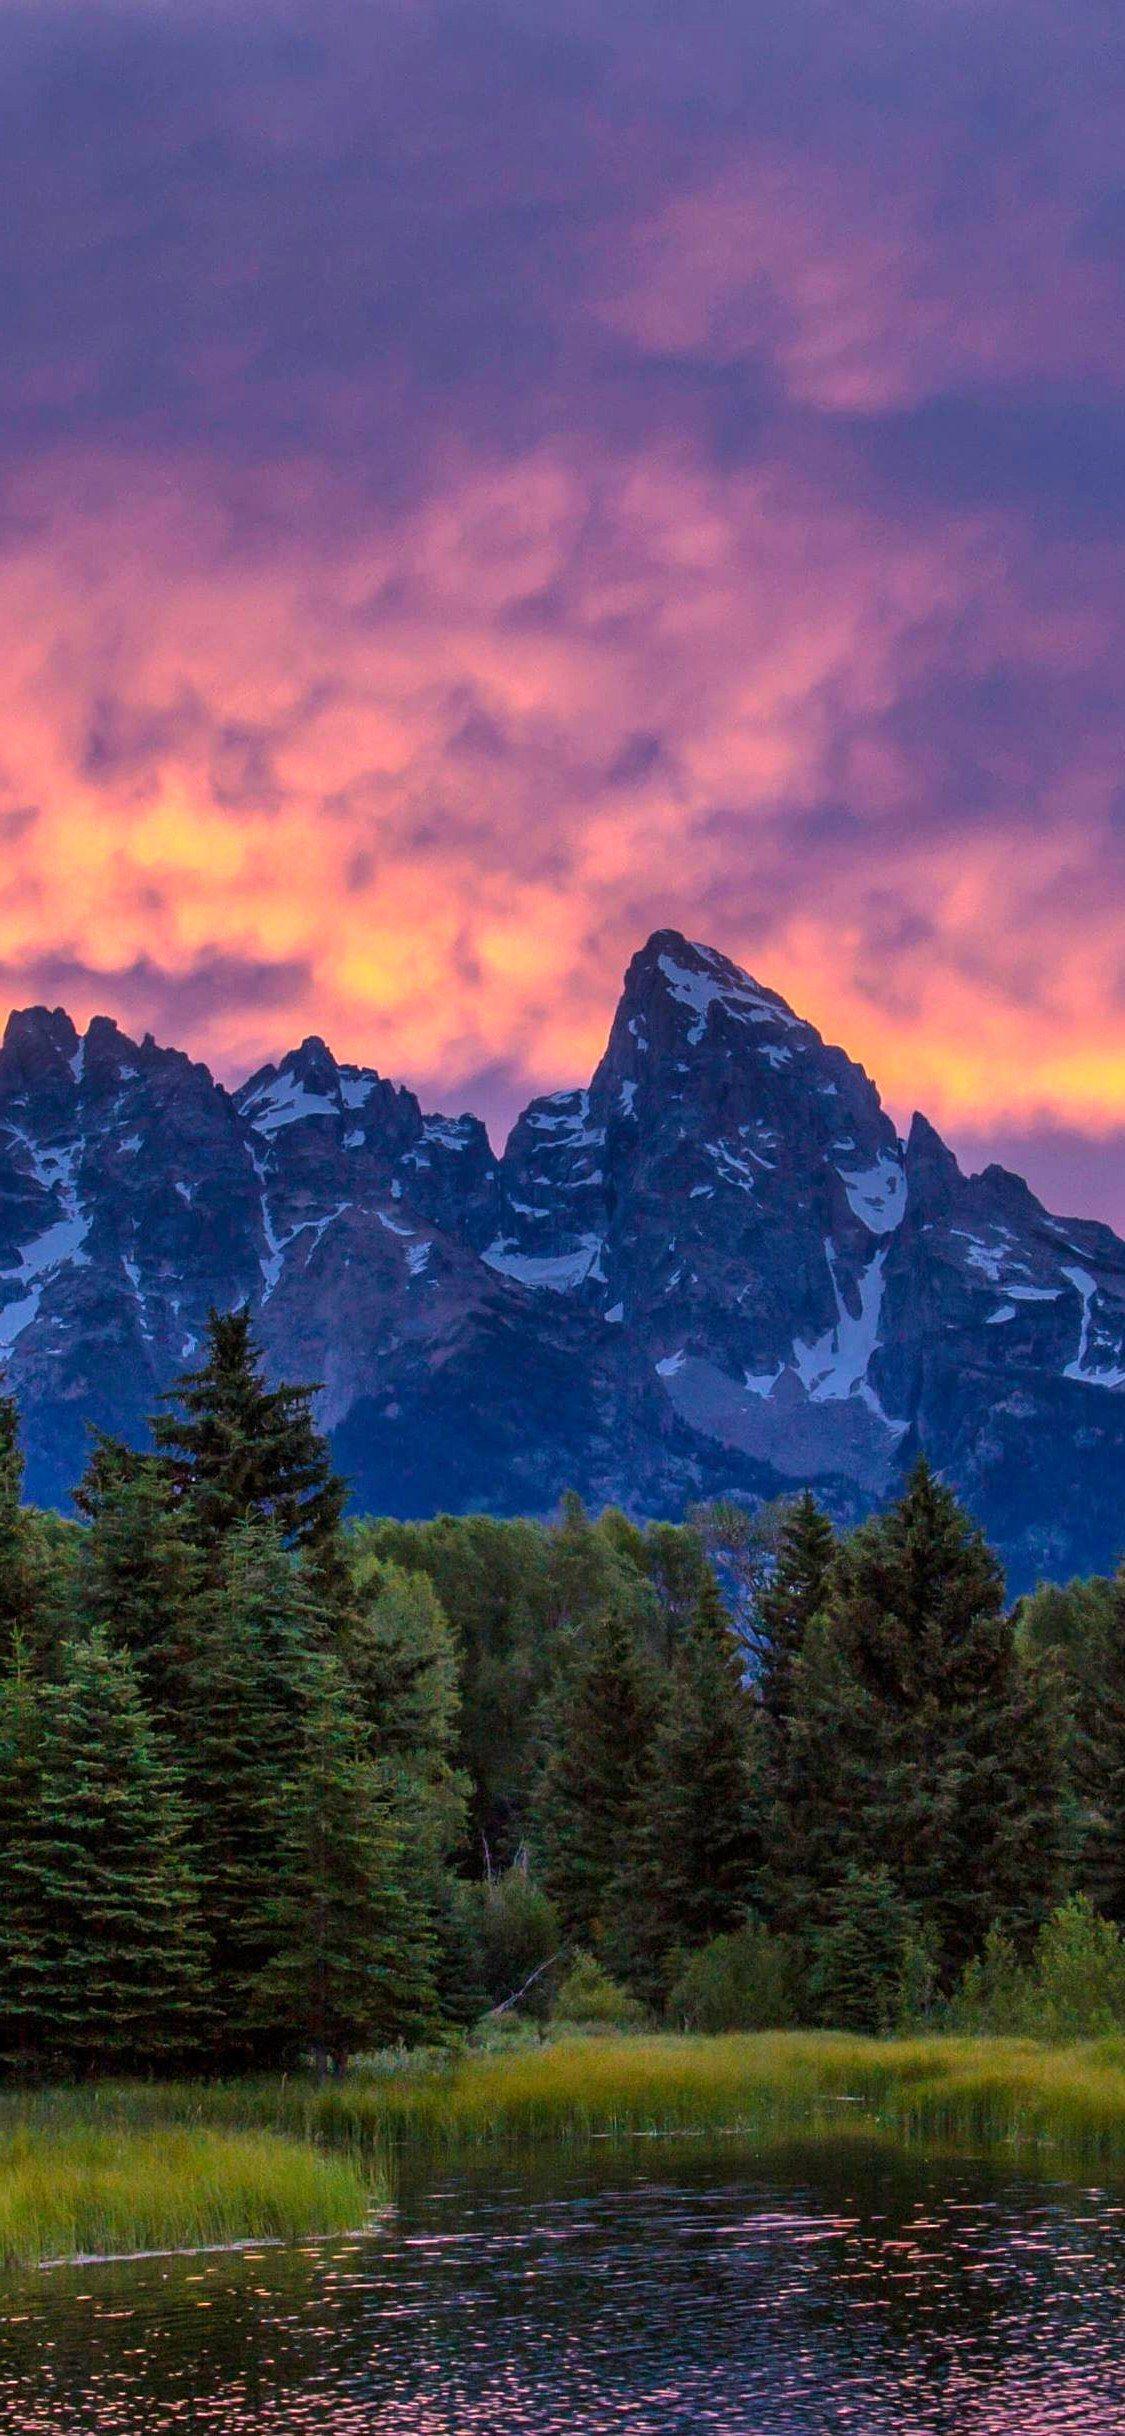 Montagnes Fond D Ecran Vert Coucher De Soleil Du Lac Iphone X Fond D Ecran In 2020 Sunset Iphone Wallpaper Sunset Wallpaper Wallpaper Iphone Summer